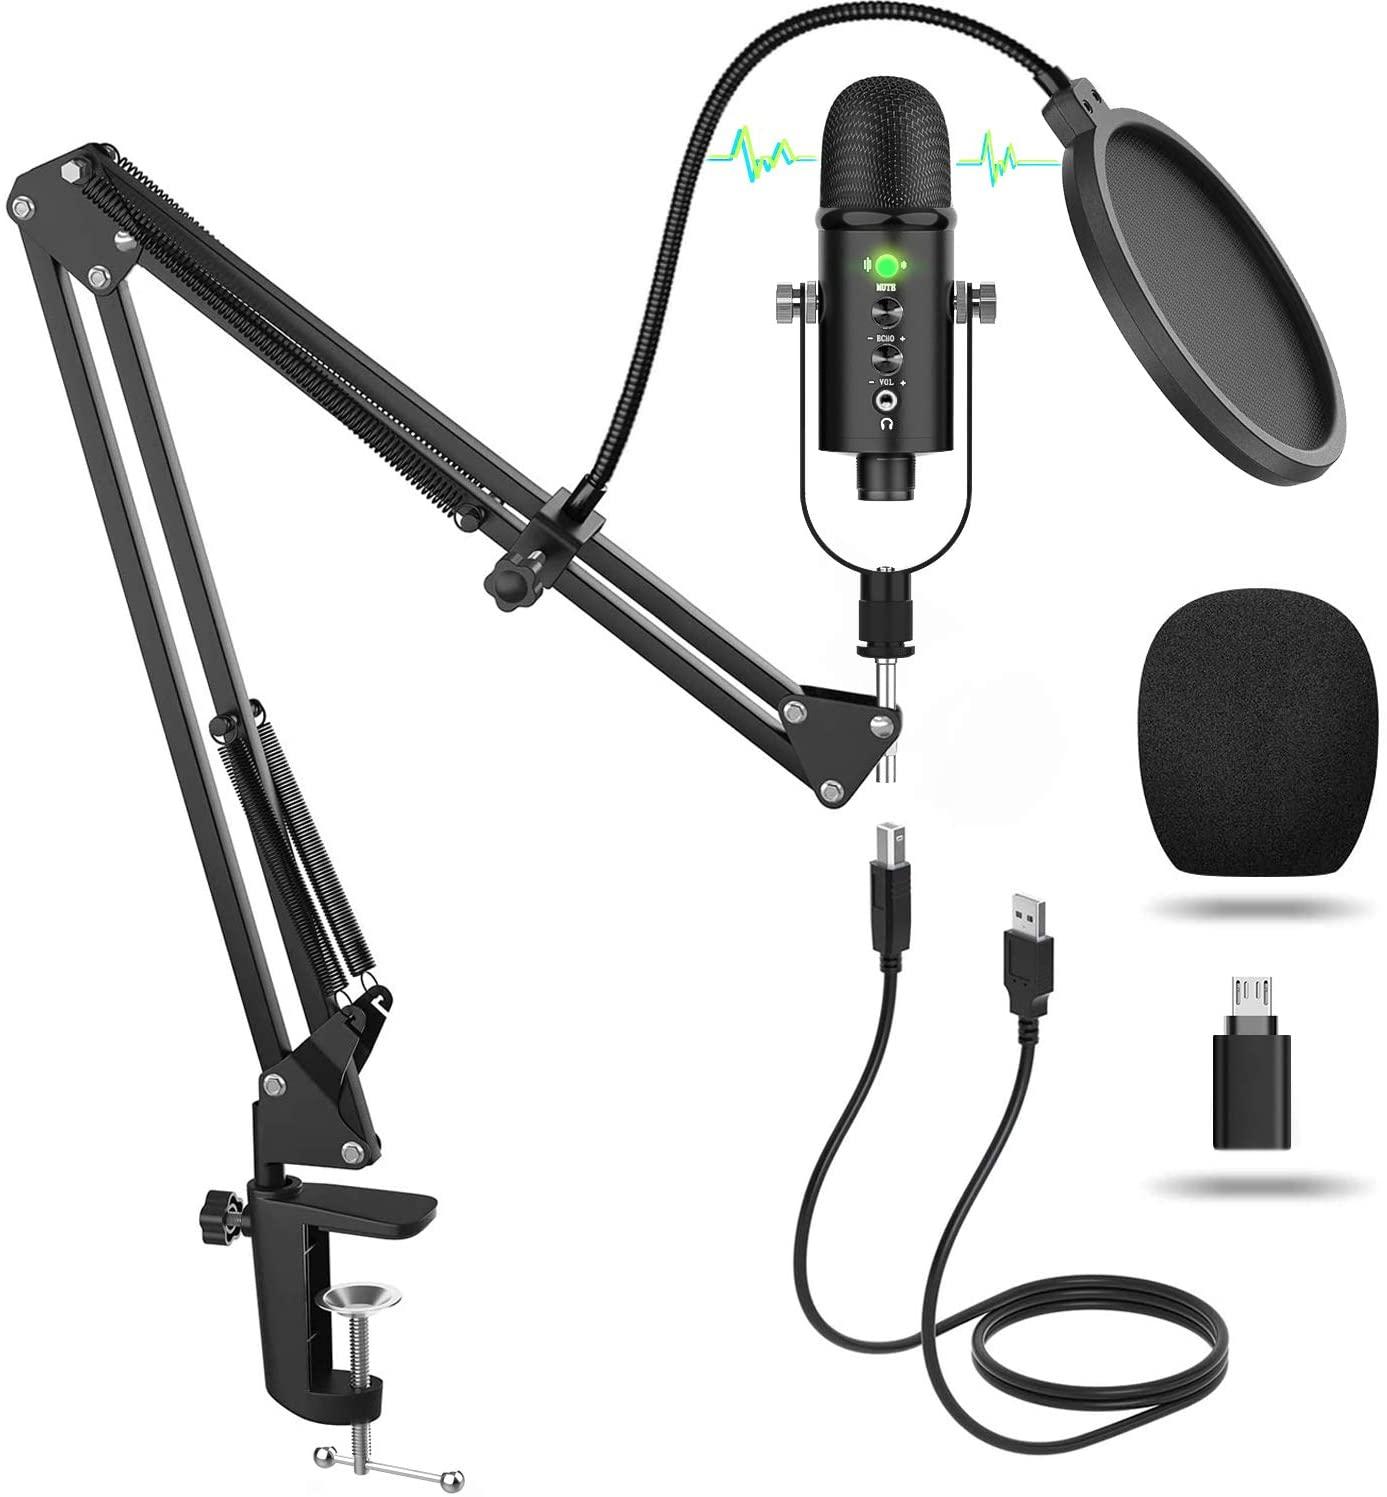 Micrófono cardioide de condensador + accesorios